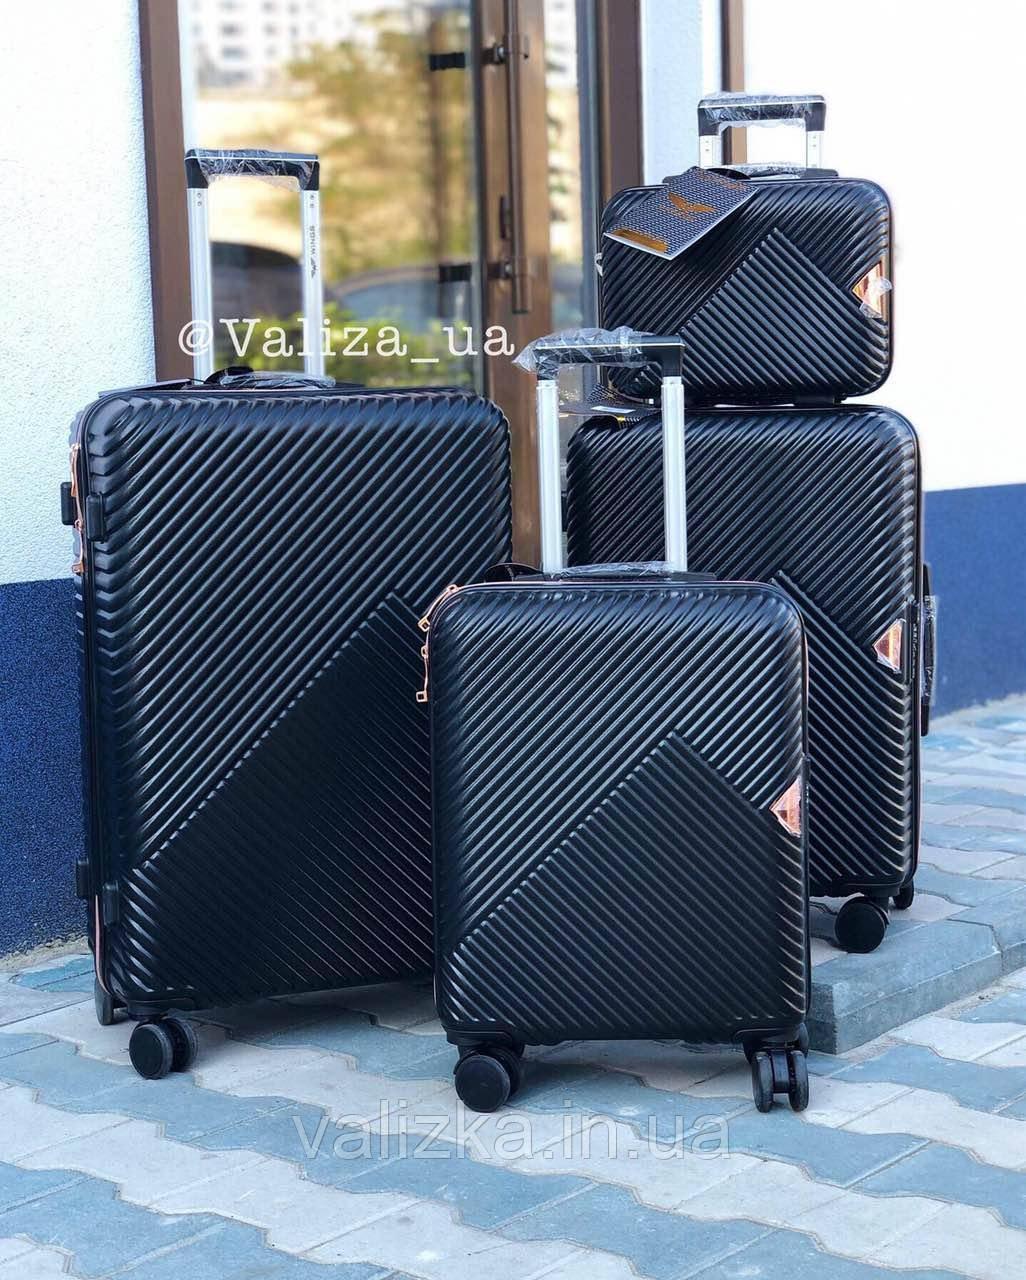 Комплект чемоданов из поликарбоната премиум серии 3 штуки малый, средний, большой + бьюти кейс черный